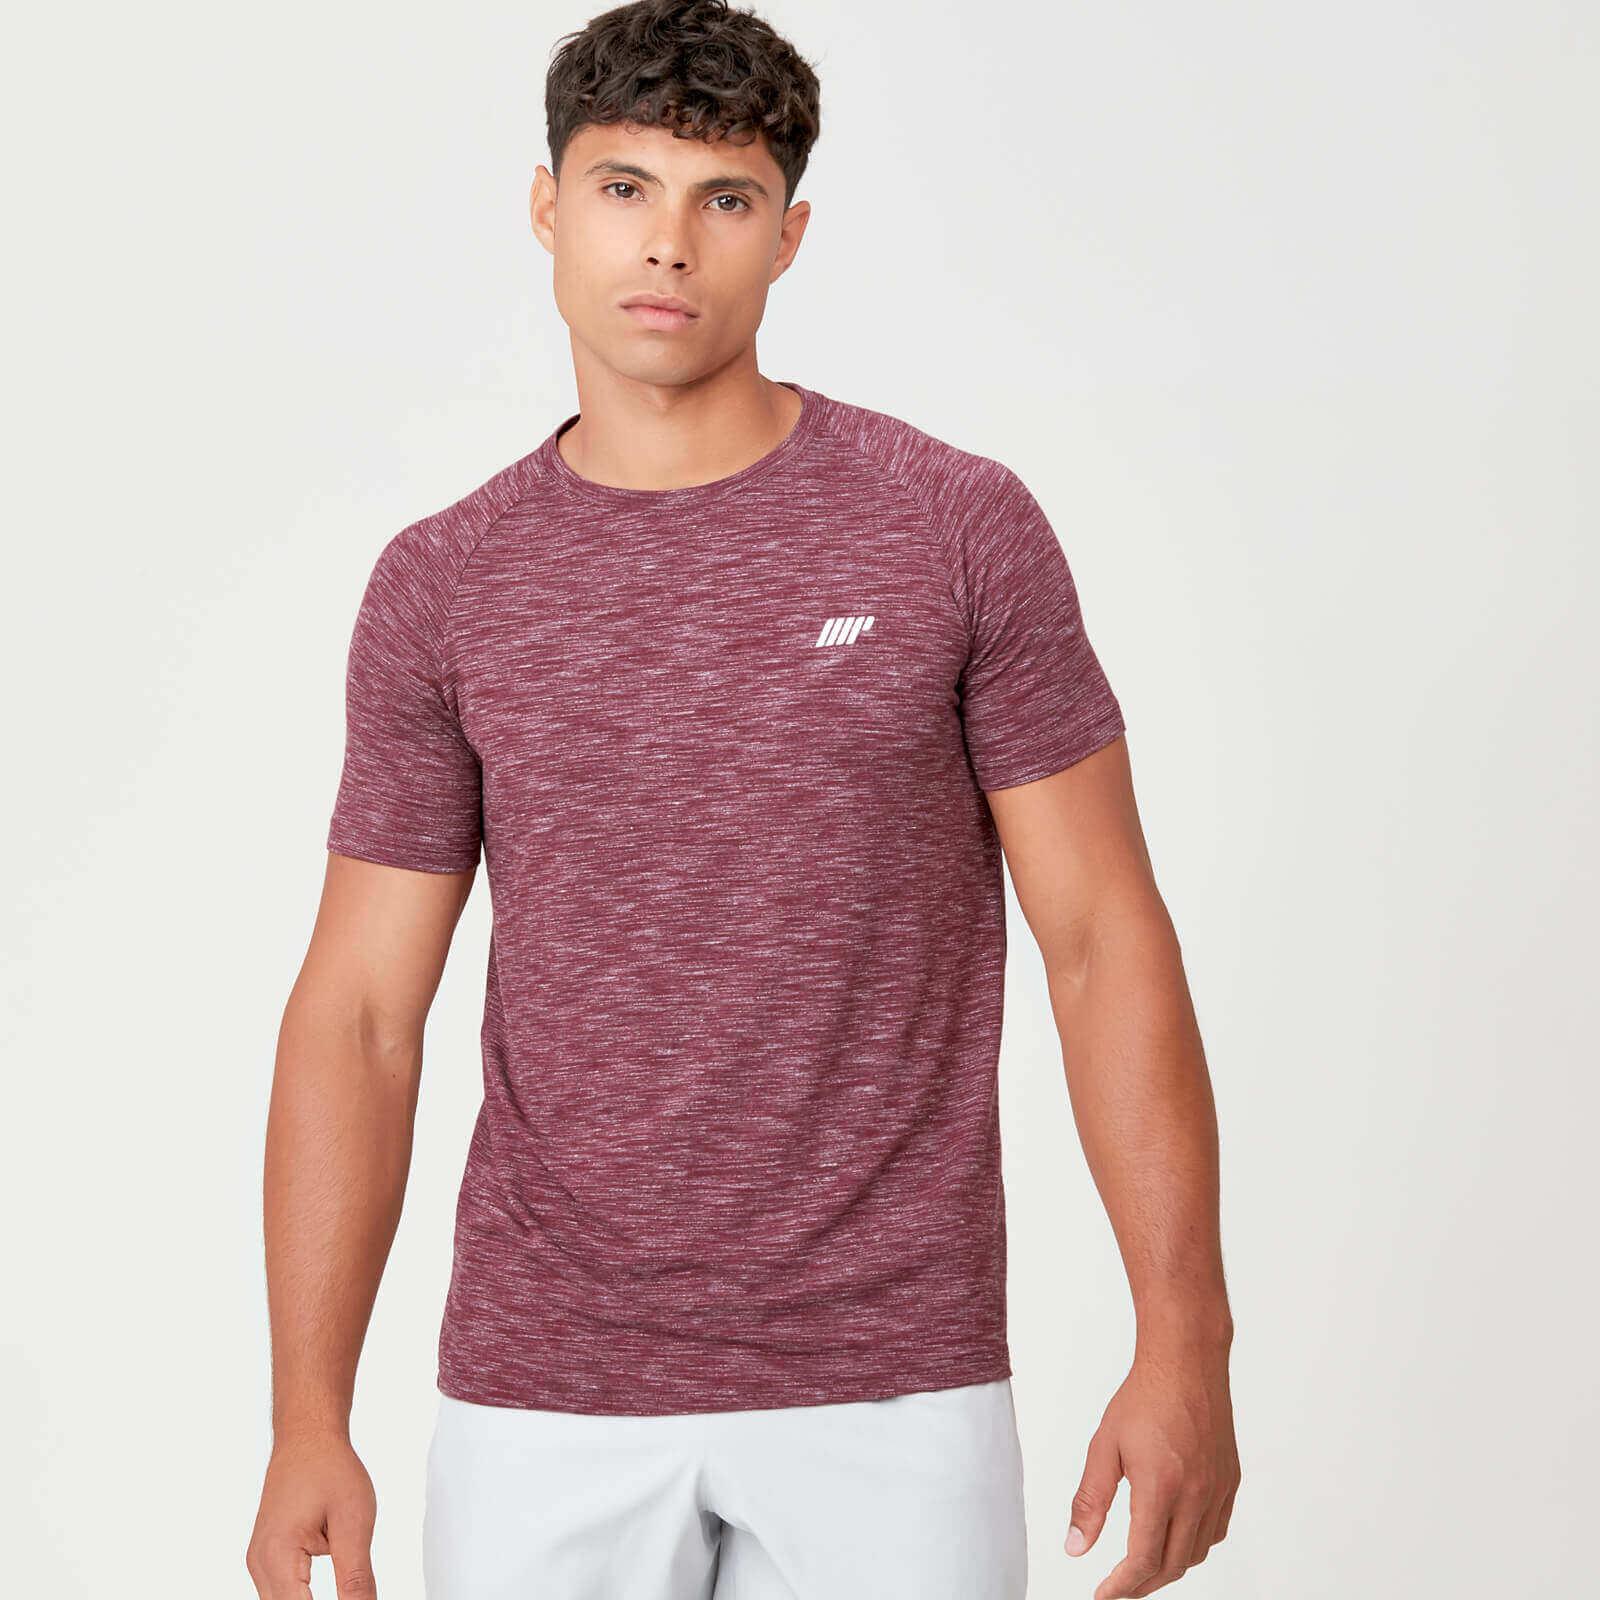 Myprotein Performance T-Shirt - Burgundy Marl - XXL